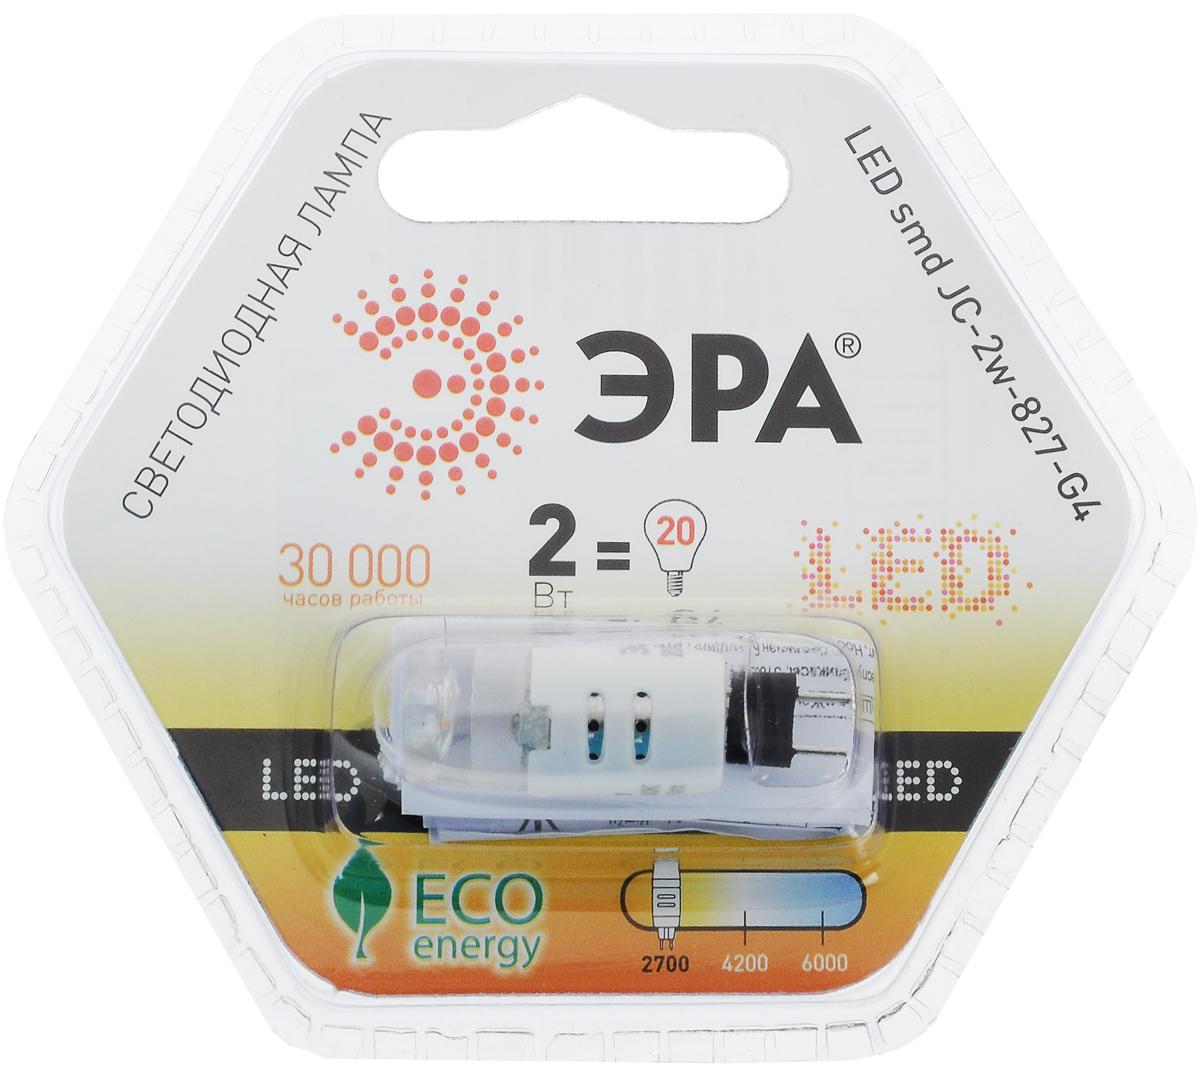 Лампа светодиодная ЭРА, цоколь G4, 12V, 2W, 2700К5055398662984Светодиодная лампа ЭРА - энергосберегающая лампа общего и декоративного освещения. Колба лампы выполнена в форме капсулы. Лампа G4 повторяет форму и размеры стандартных галогенных капсульных ламп и идеально подходит к любому светильнику, в котором используются данные типы ламп. Сочетает в себе компактный размер и особую яркость. В светодиодных лампах серий G4 применяются высокоэффективные светодиоды, что обеспечивает высокую надежность и эффективность источников света. Индекс цветопередачи: RA>80. Напряжение: 12 В.